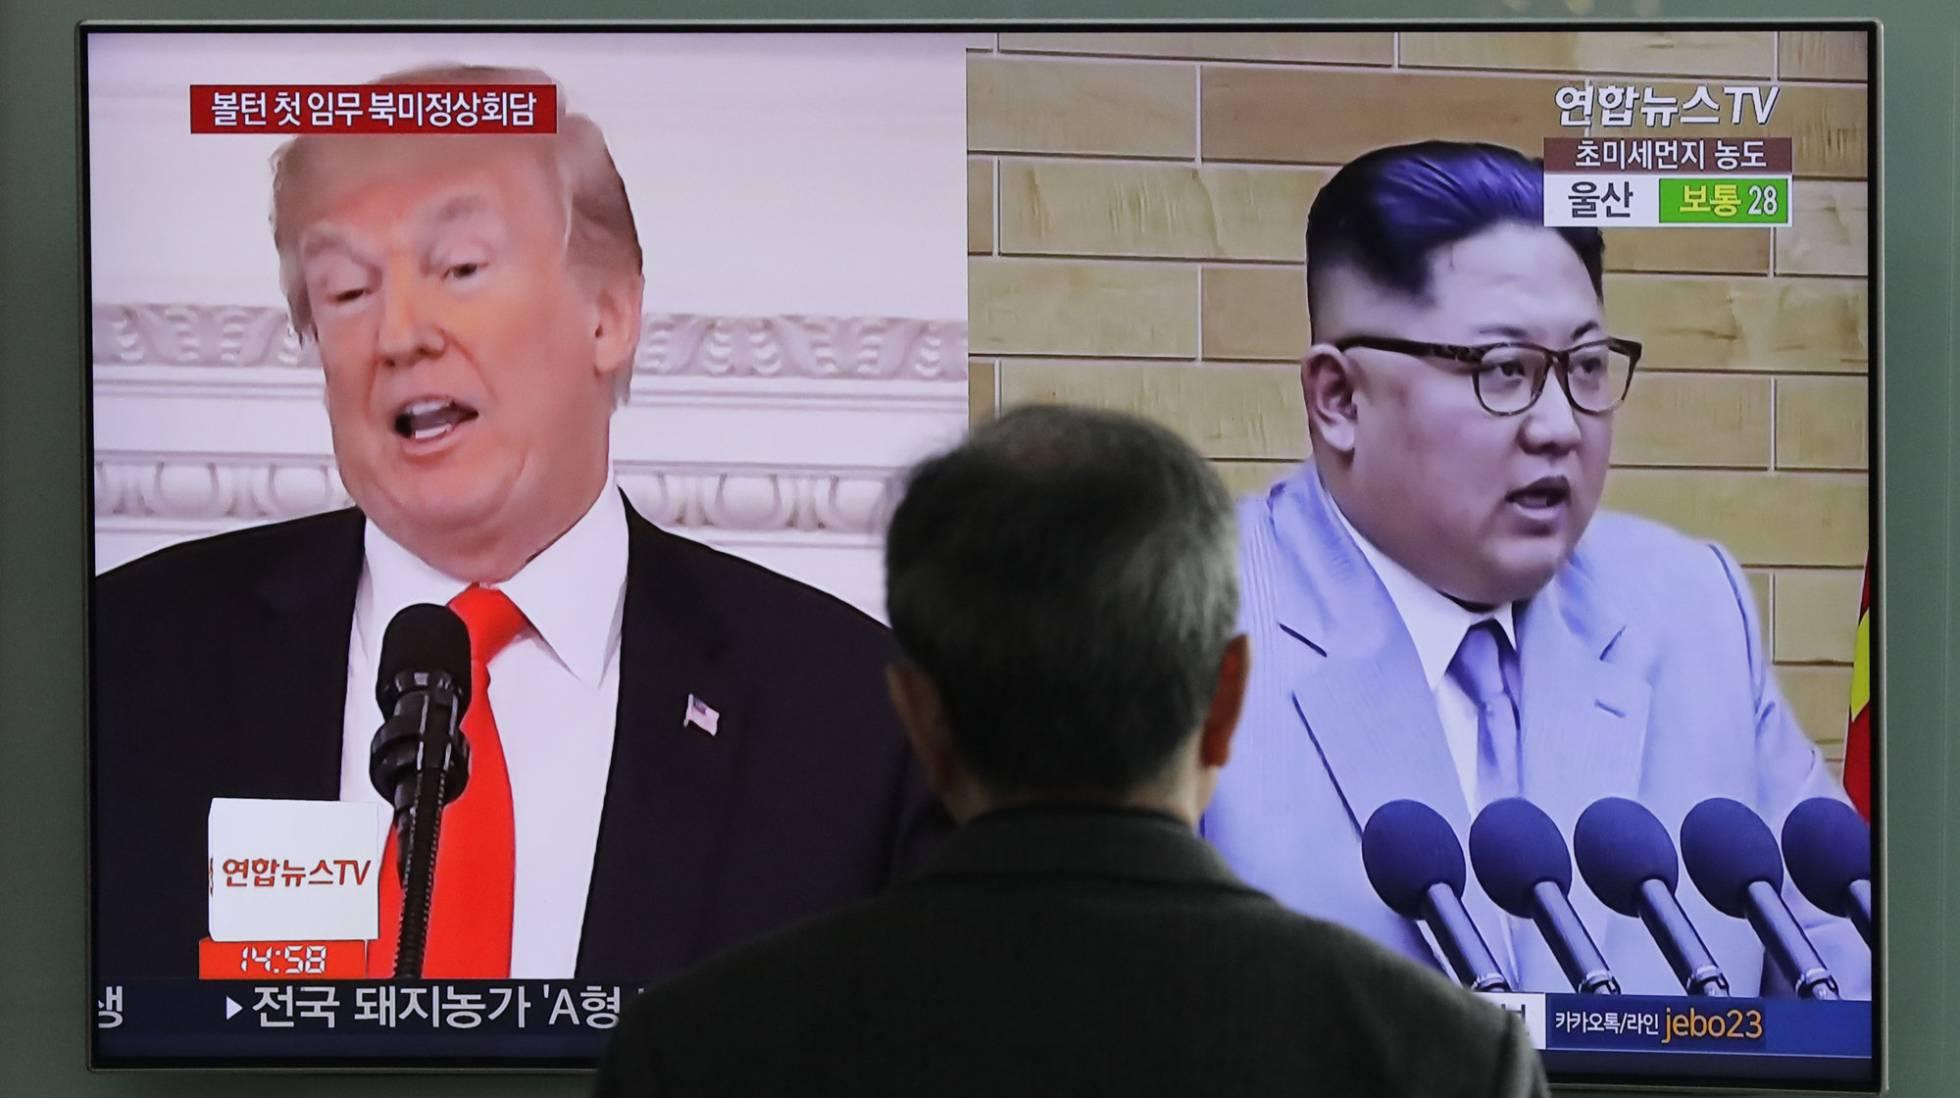 Donald Trump consigue su primer gran acuerdo comercial con Corea del Sur